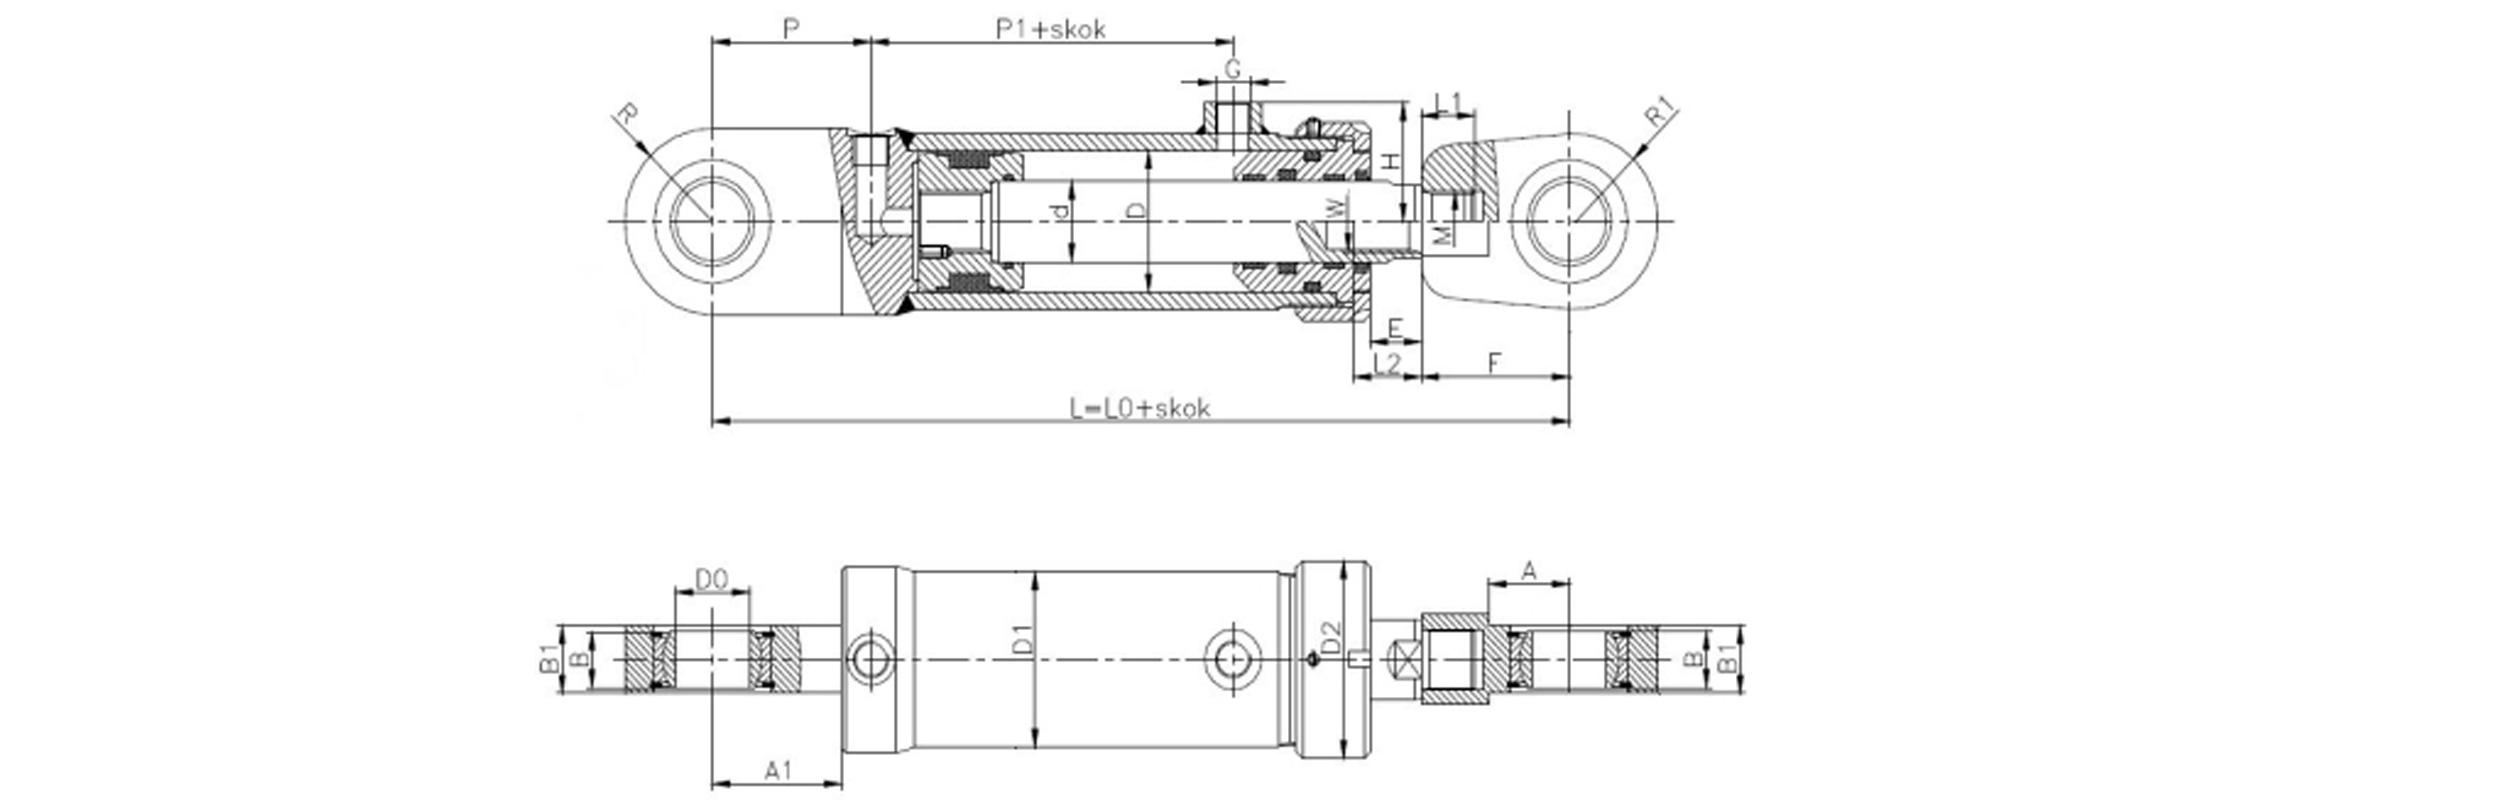 Siłownik hydrauliczny dwustronnego działania CB produkcji Bipromasz - Wymiary